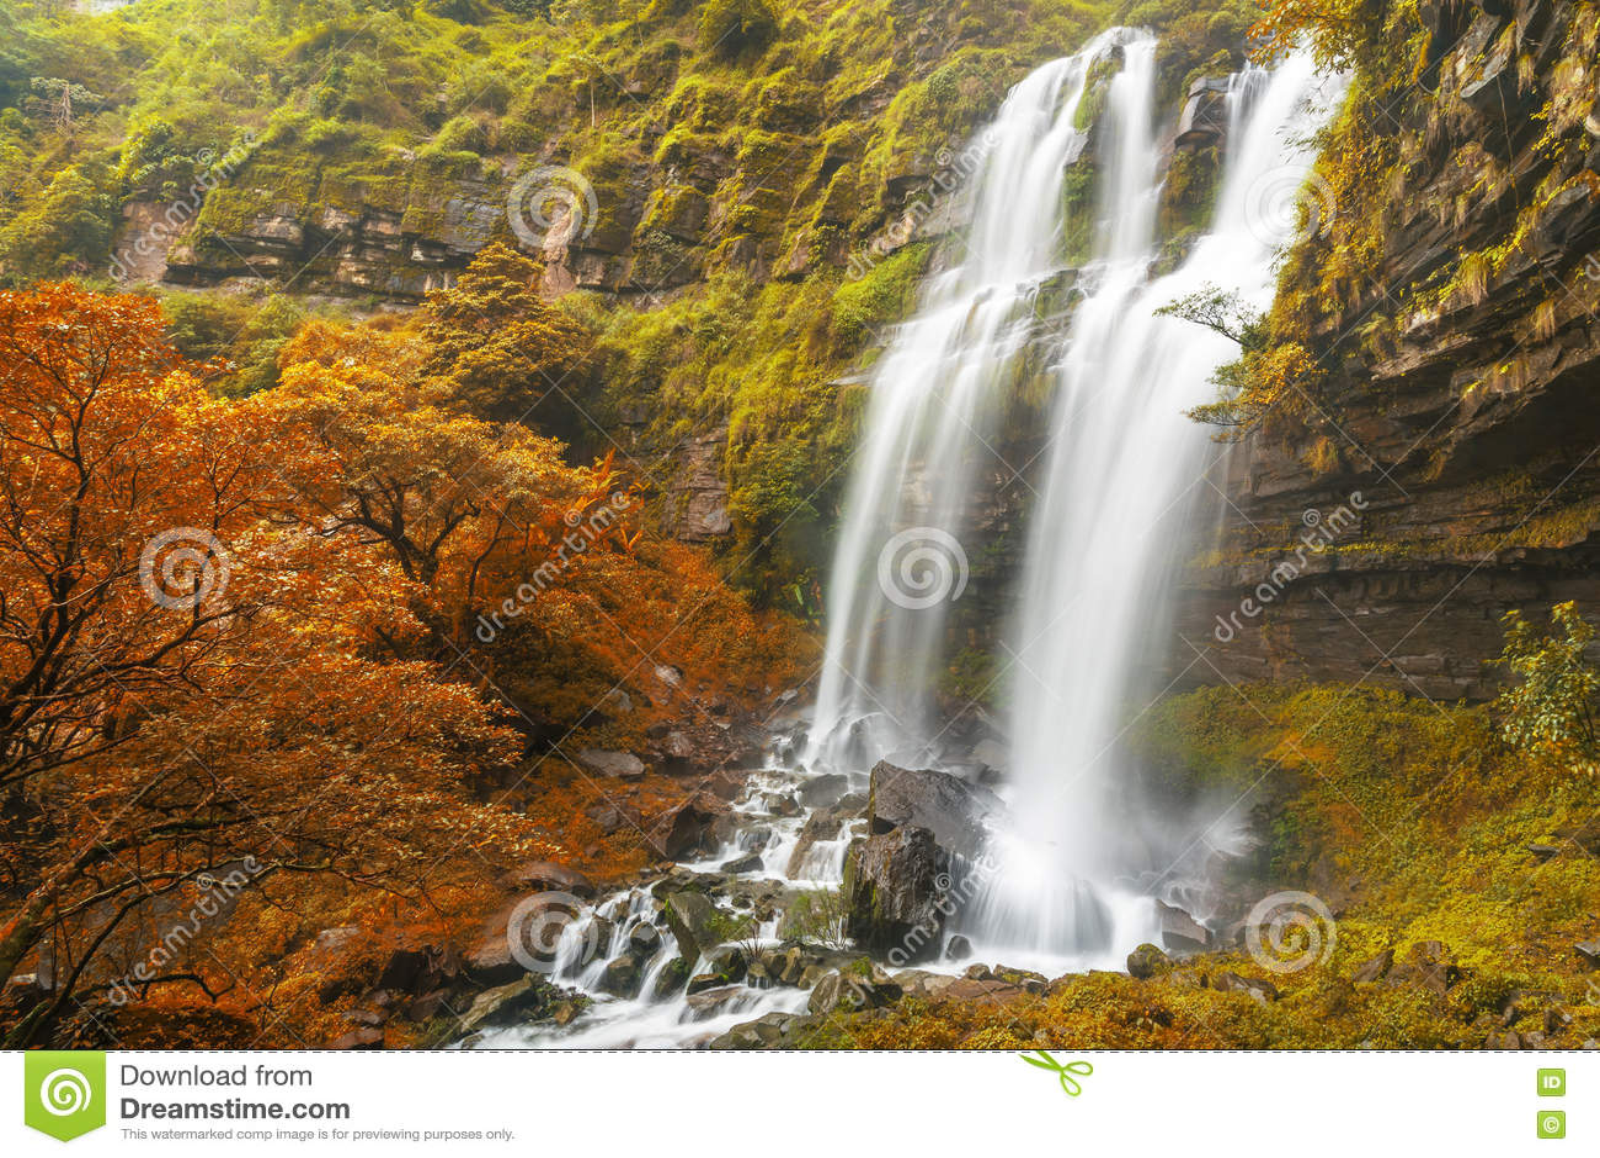 塔德TaKet瀑布, A大瀑布在Bolaven高原的秋天,禁令Nung肺,巴色,老挝深森林里